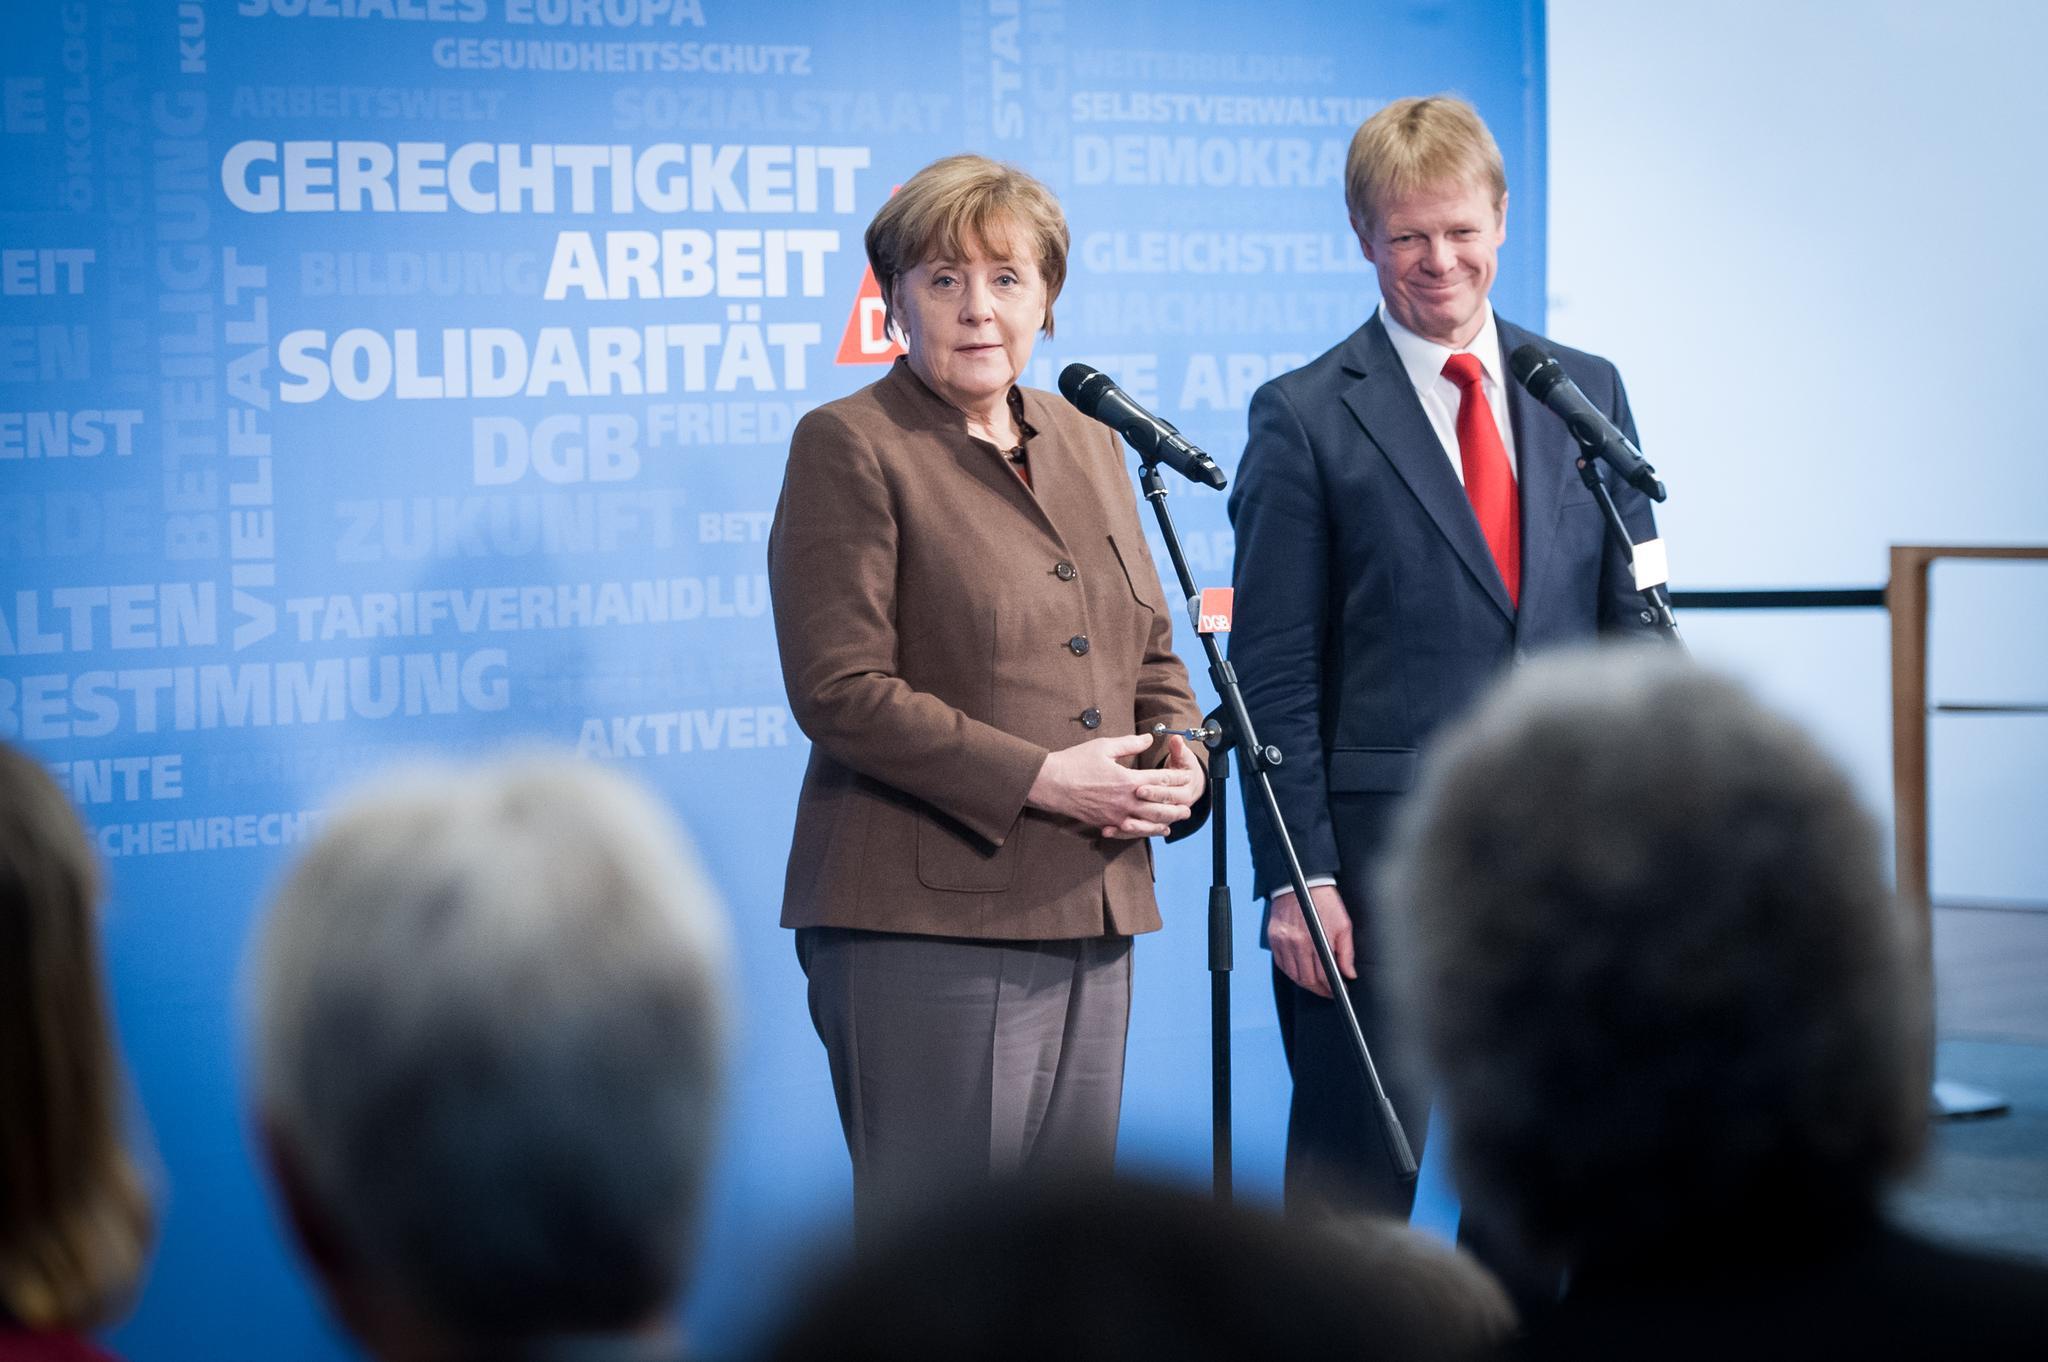 Bundeskanzlerin Angela Merkel, DGB-Vorsitzender Reiner Hoffmann